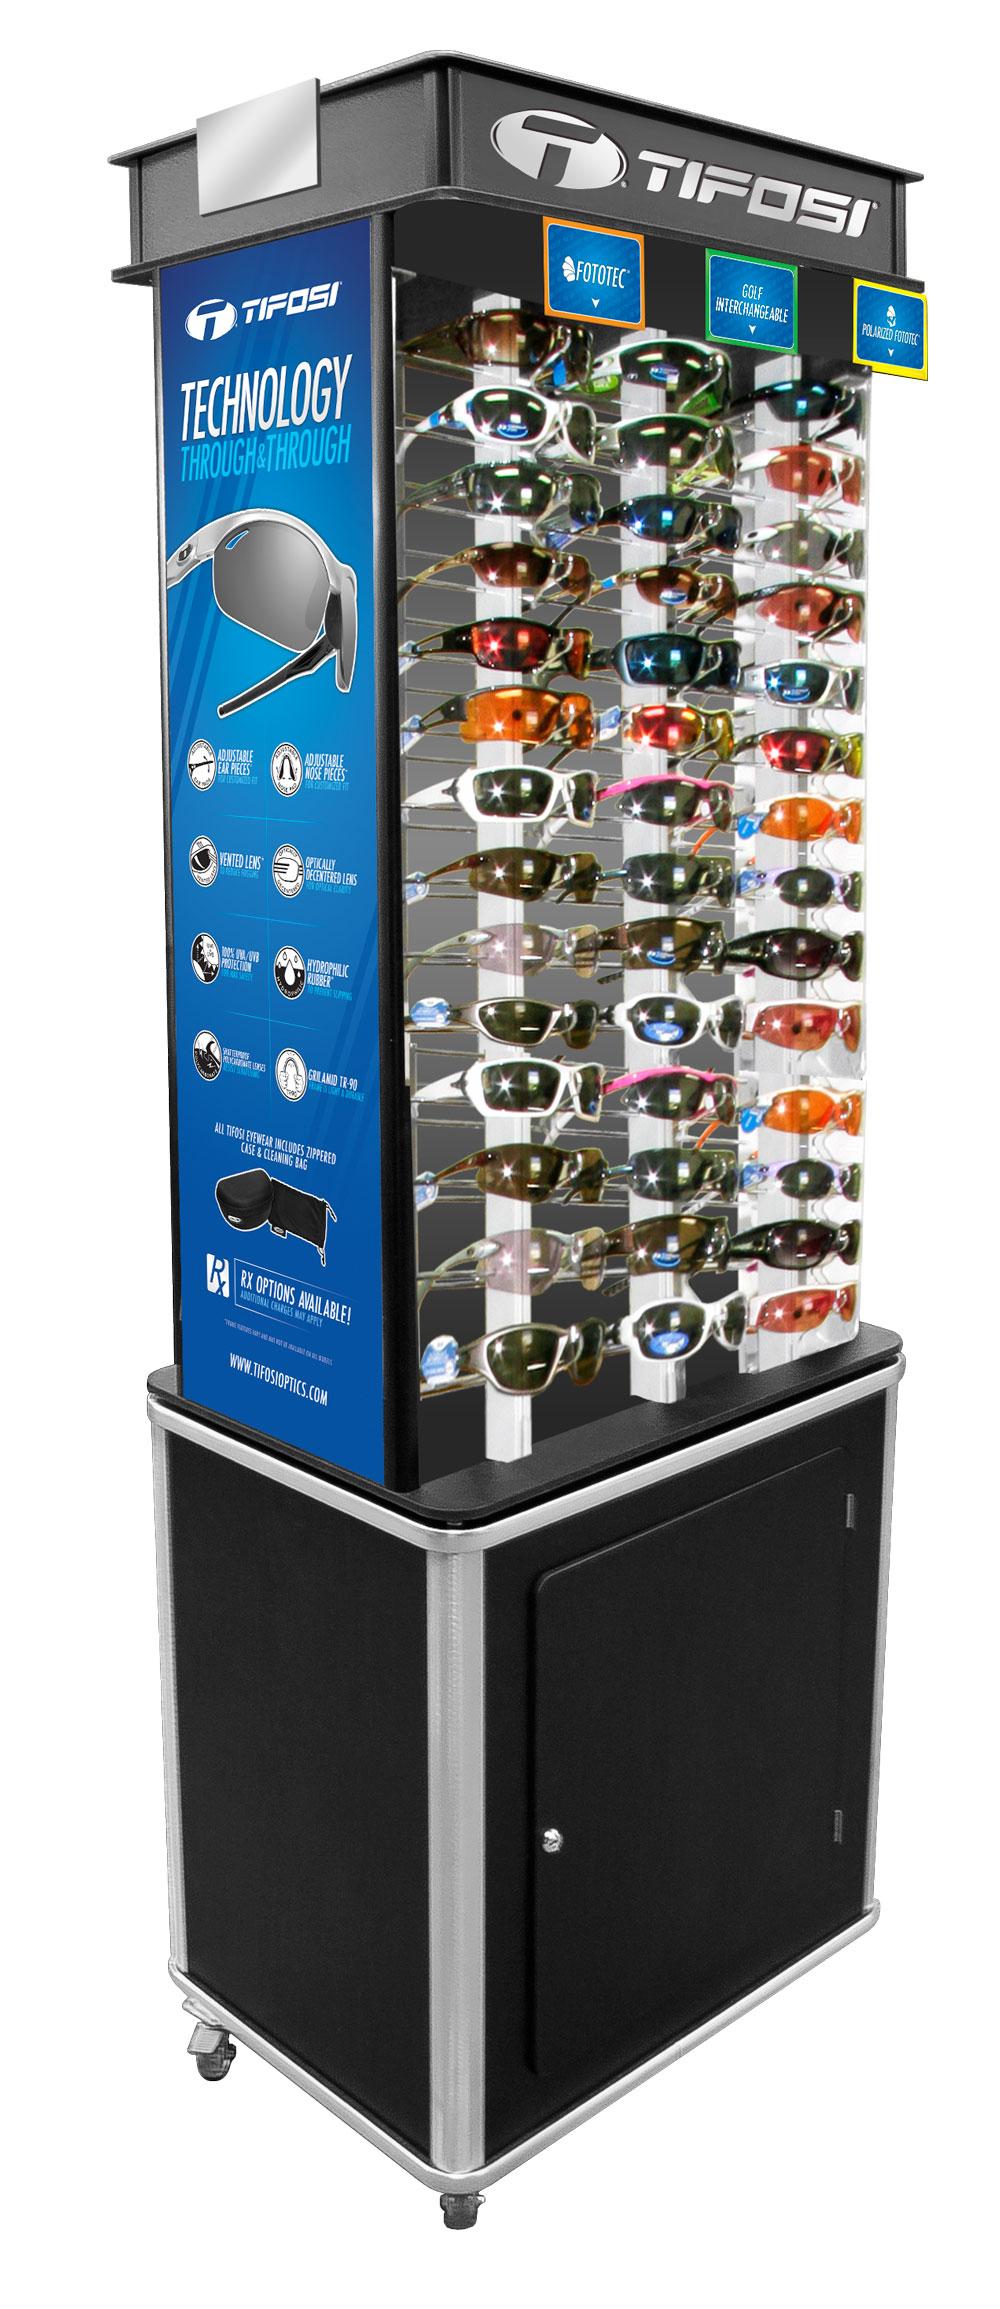 pop displays tifosi optics